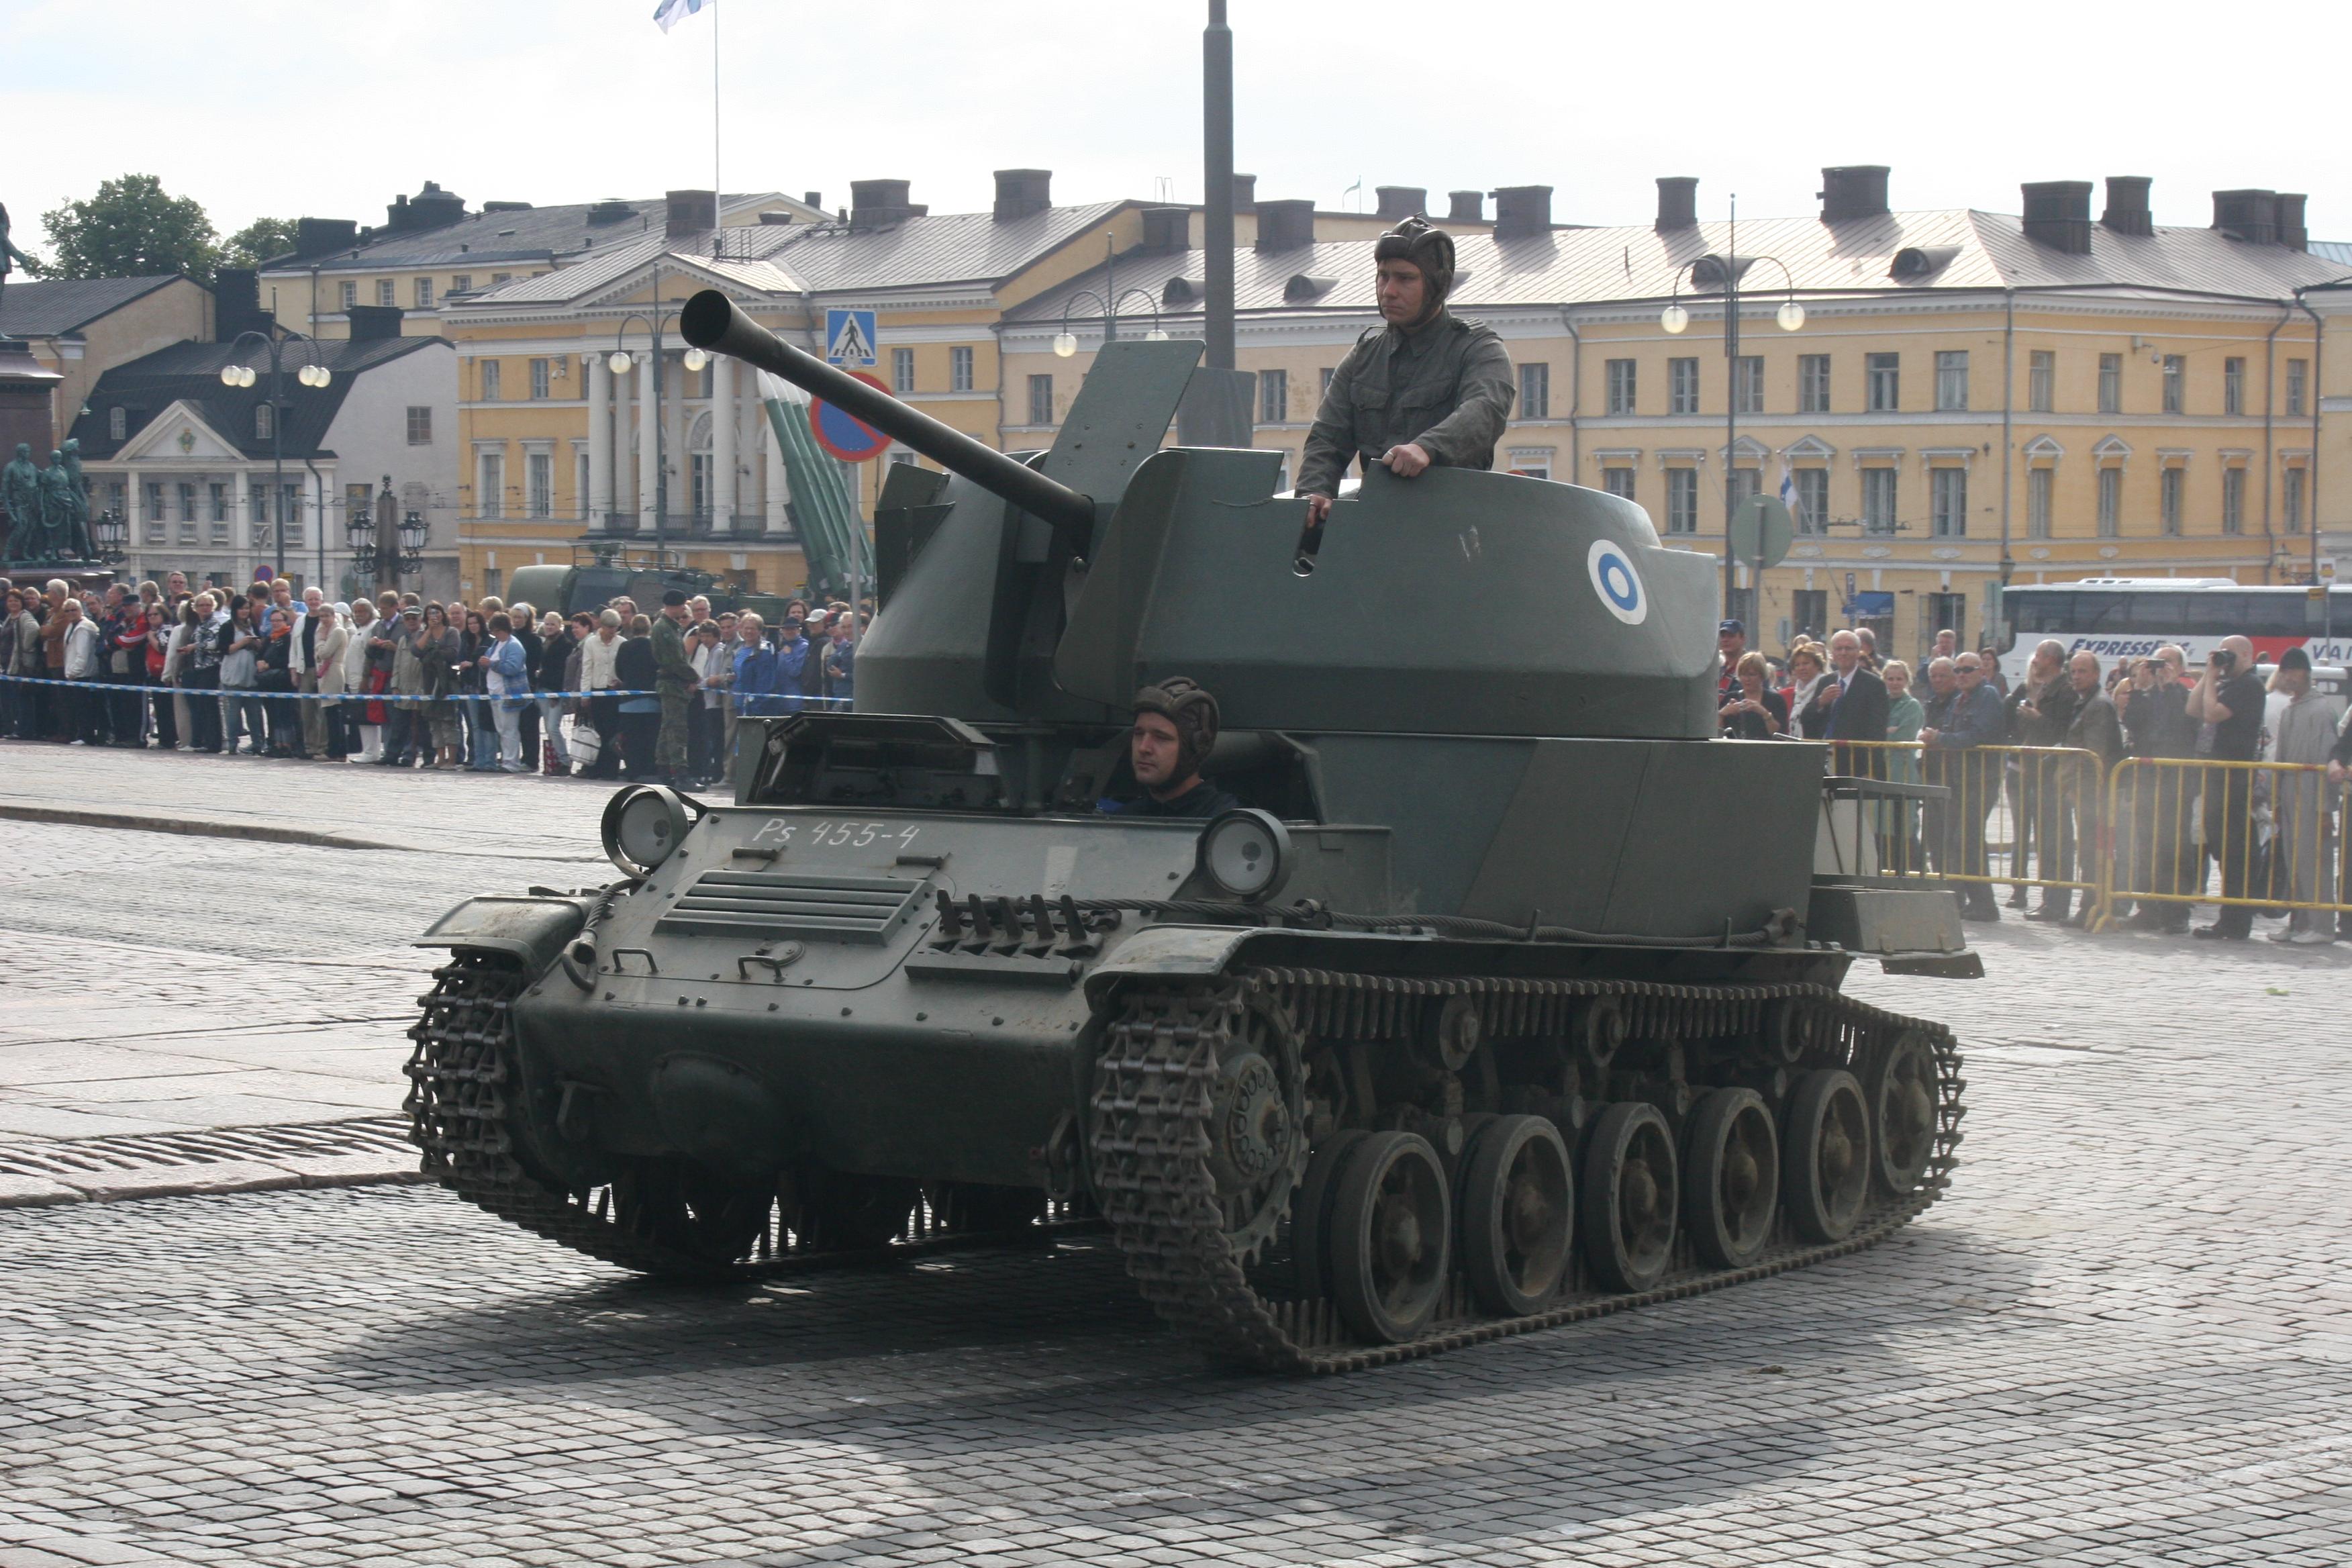 Finnish_AA_tank.jpg